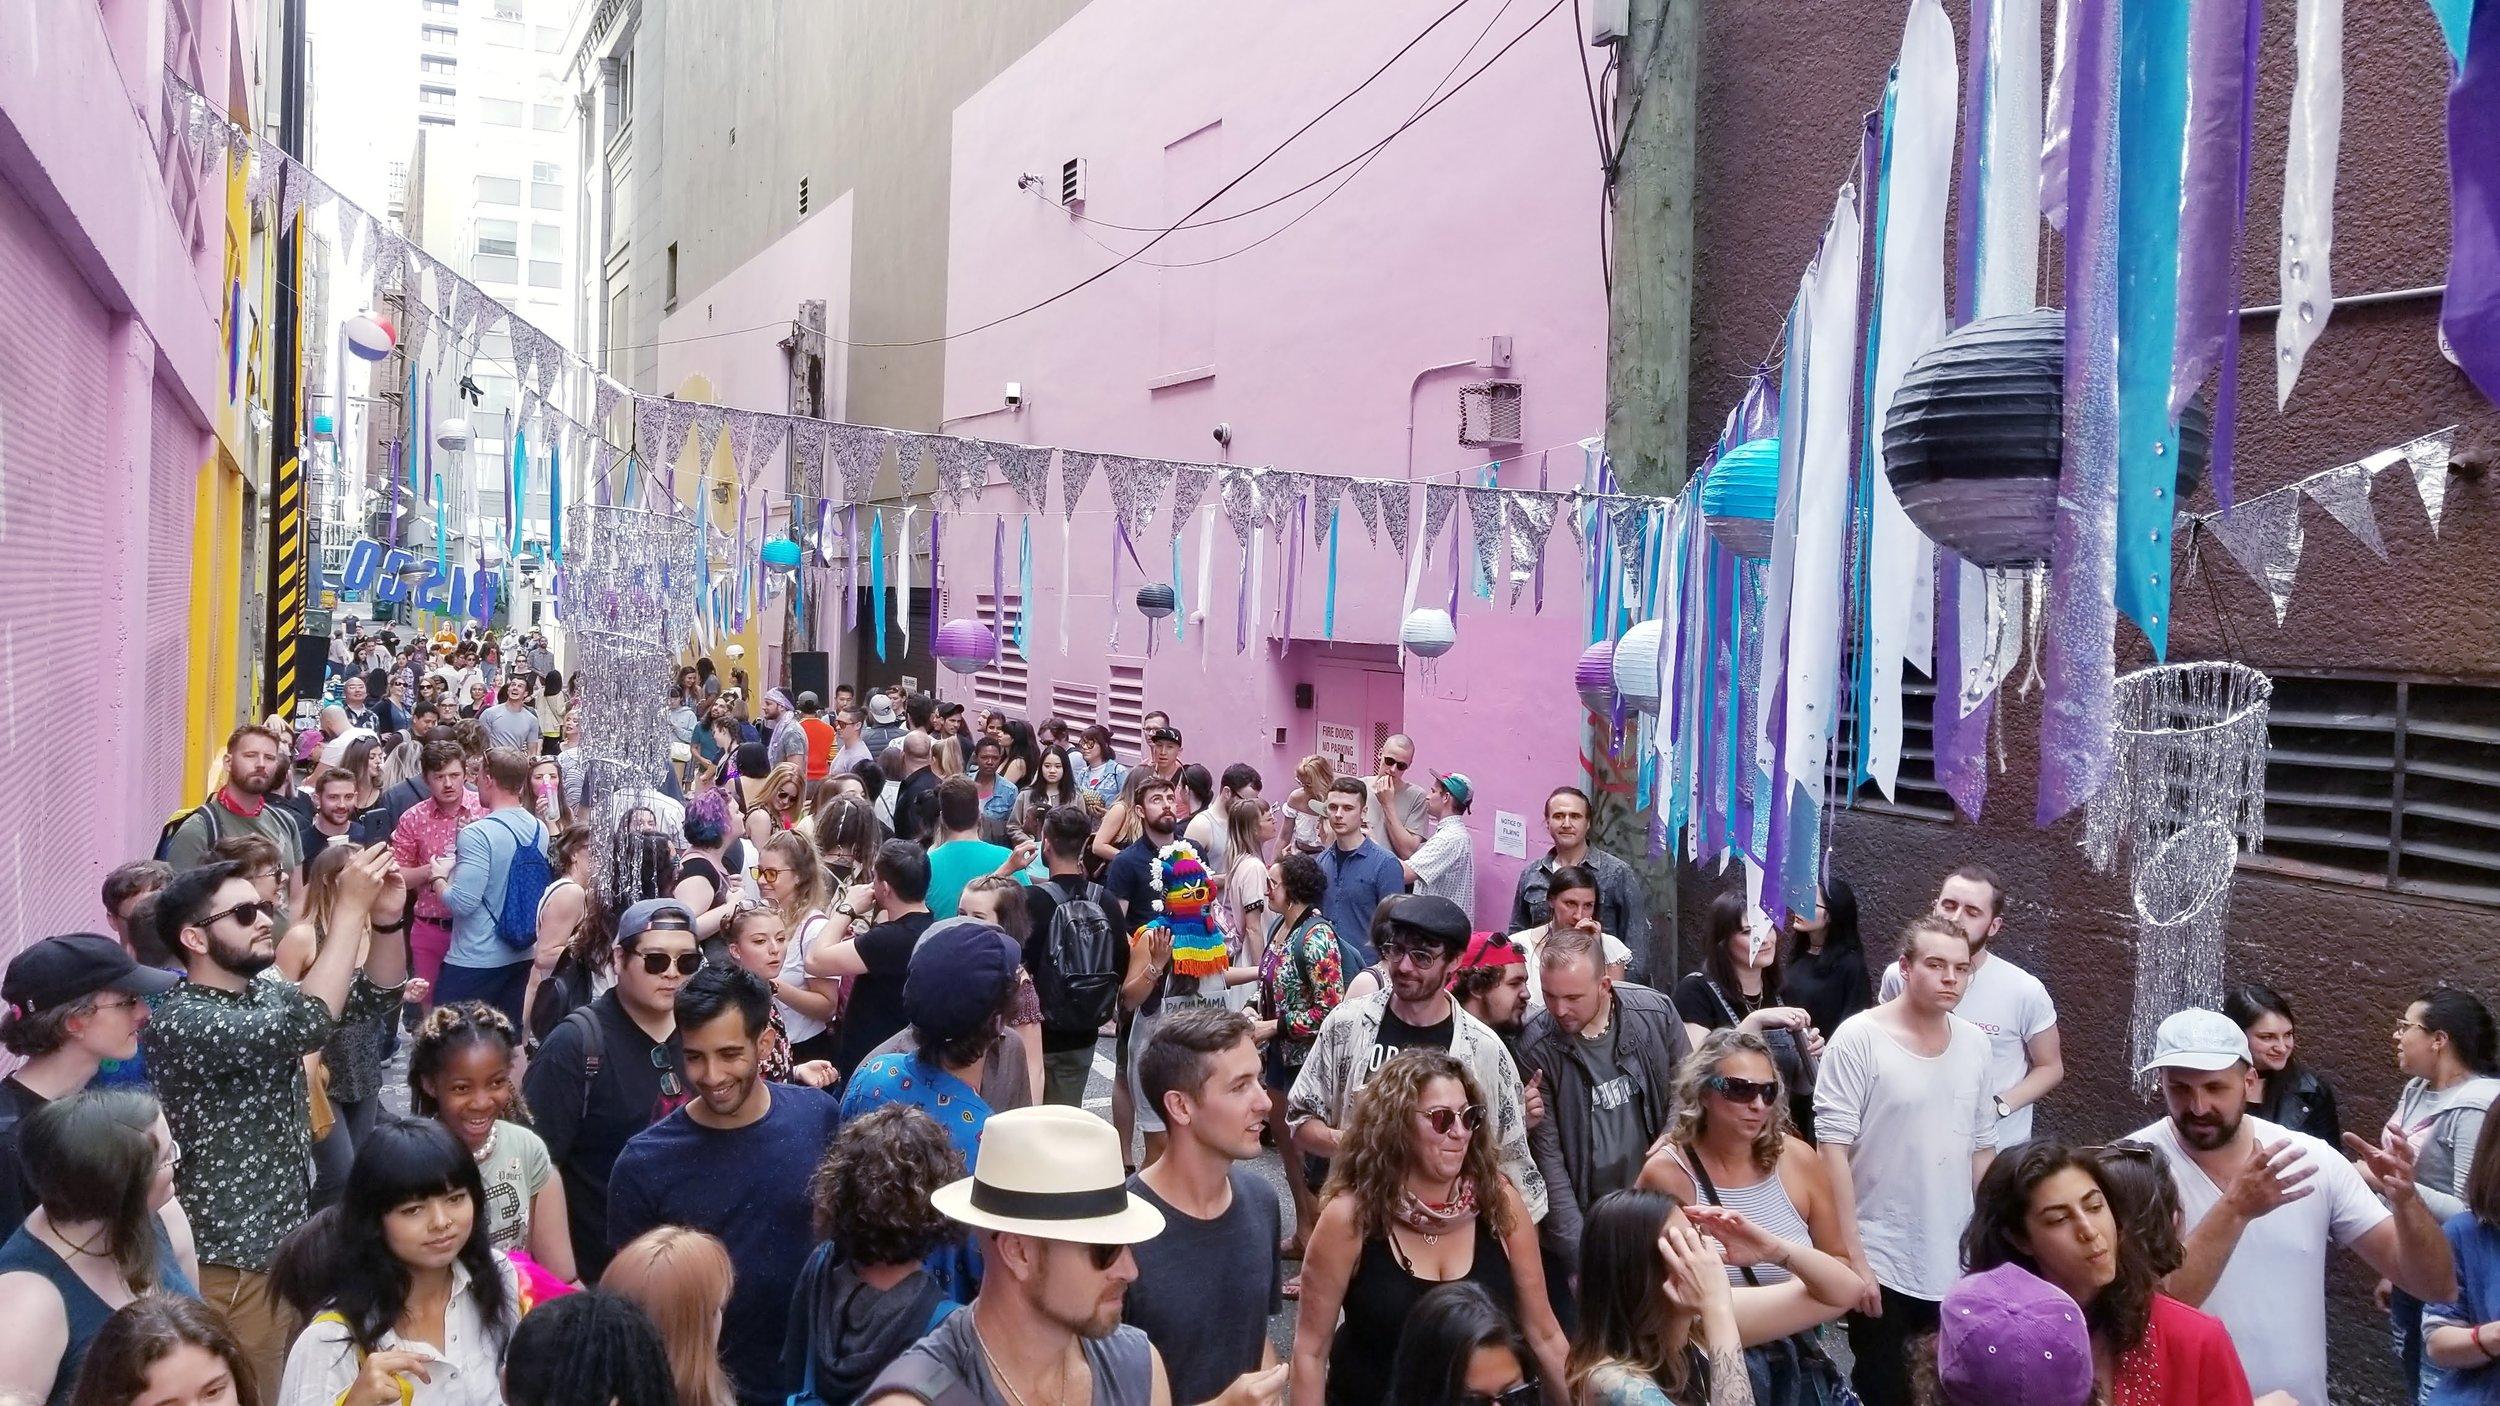 Public Disco at Alley Oop